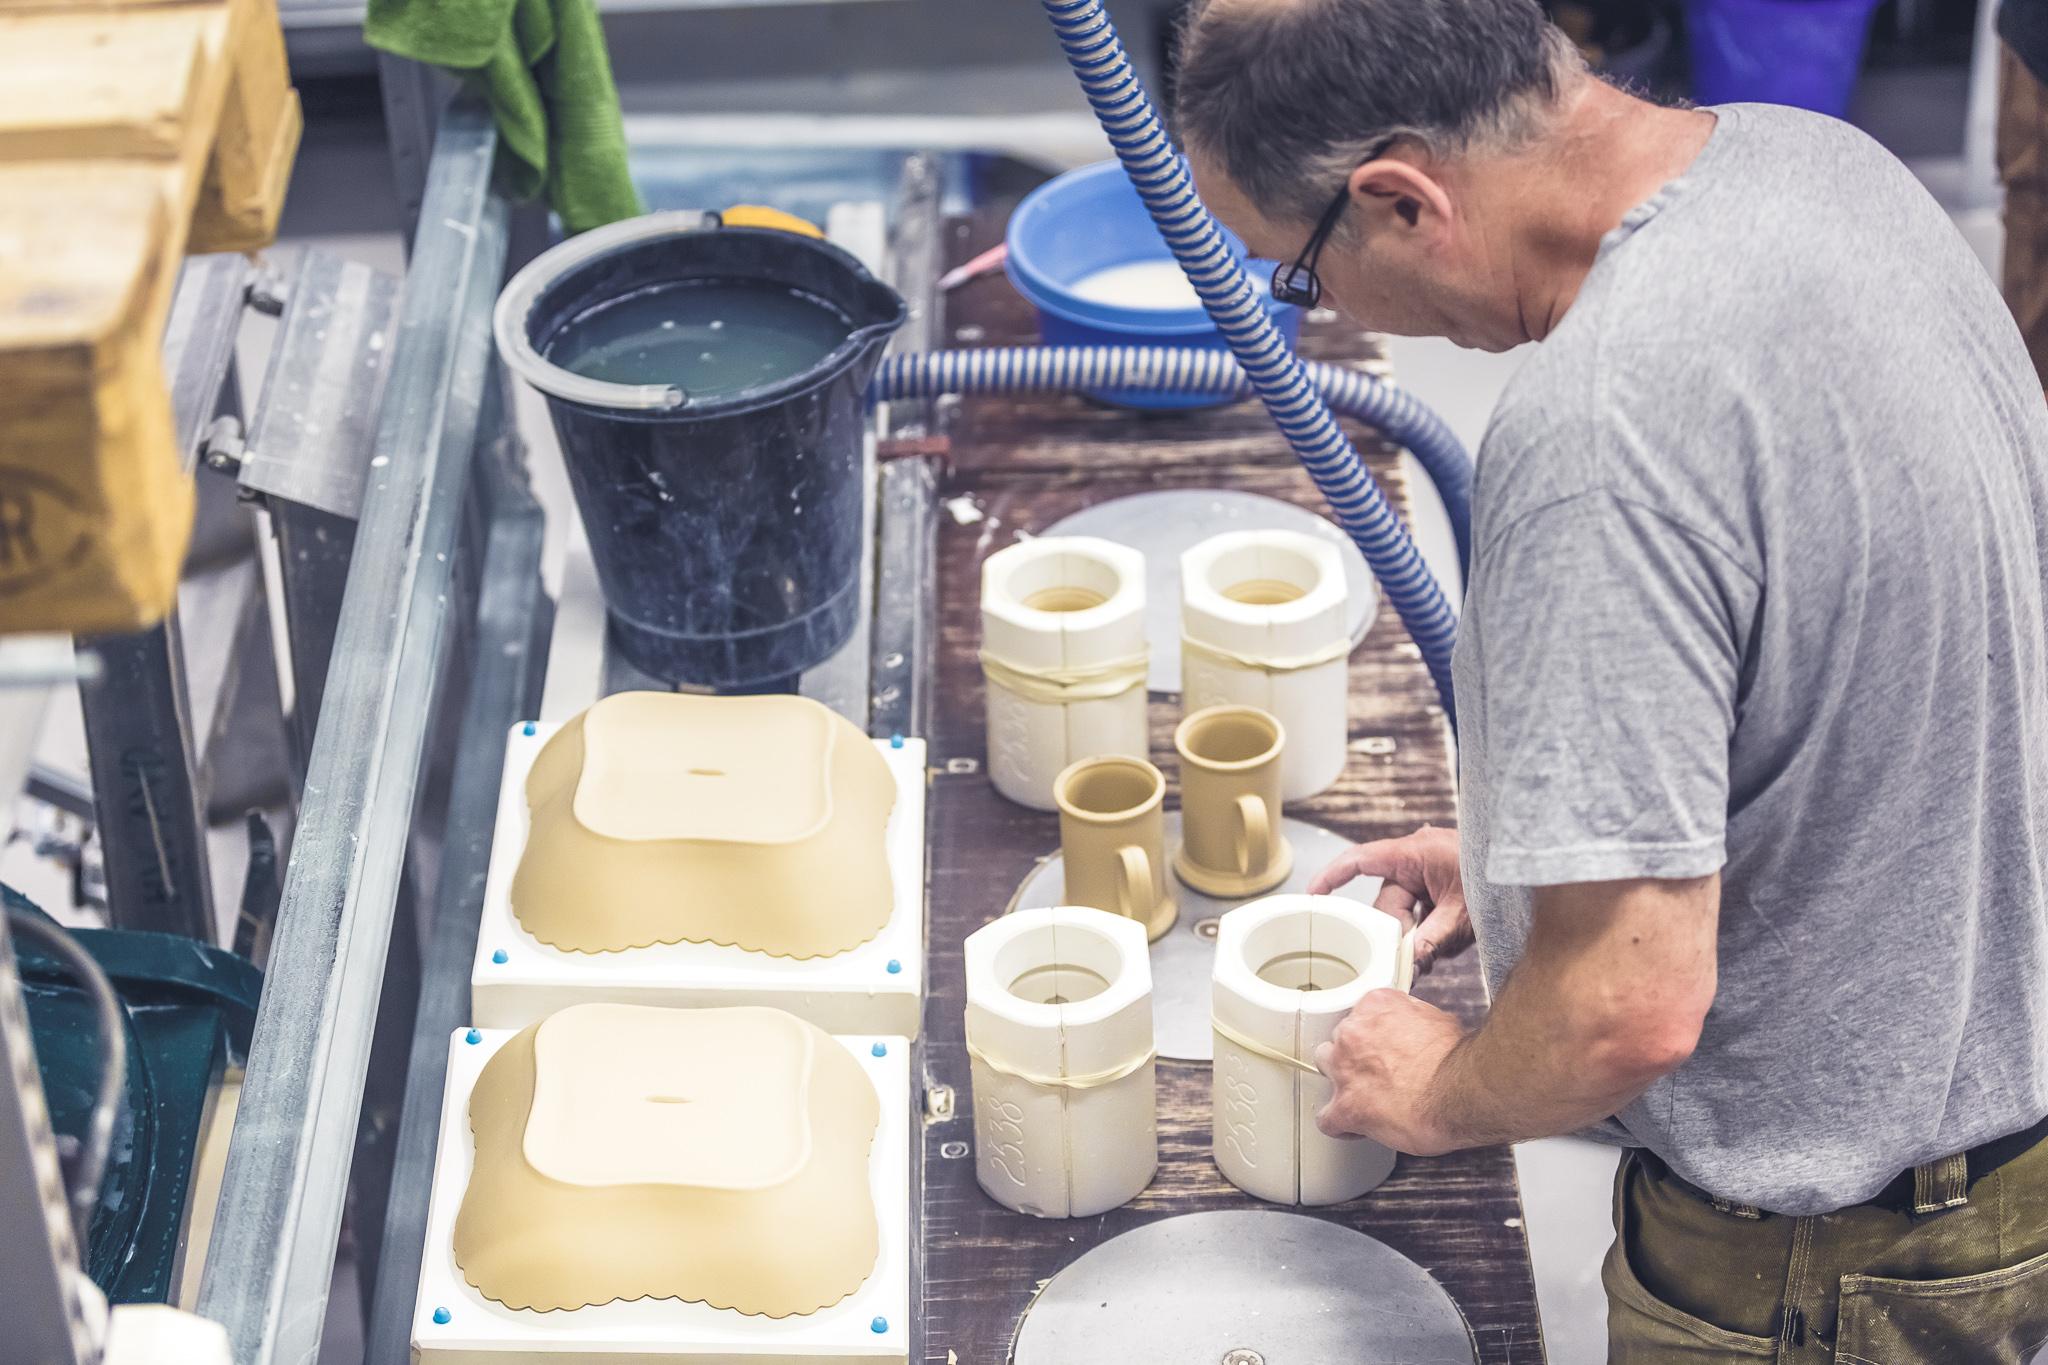 Porsgrunds Porselænsfabrik i full produksjon, © VisitGrenland